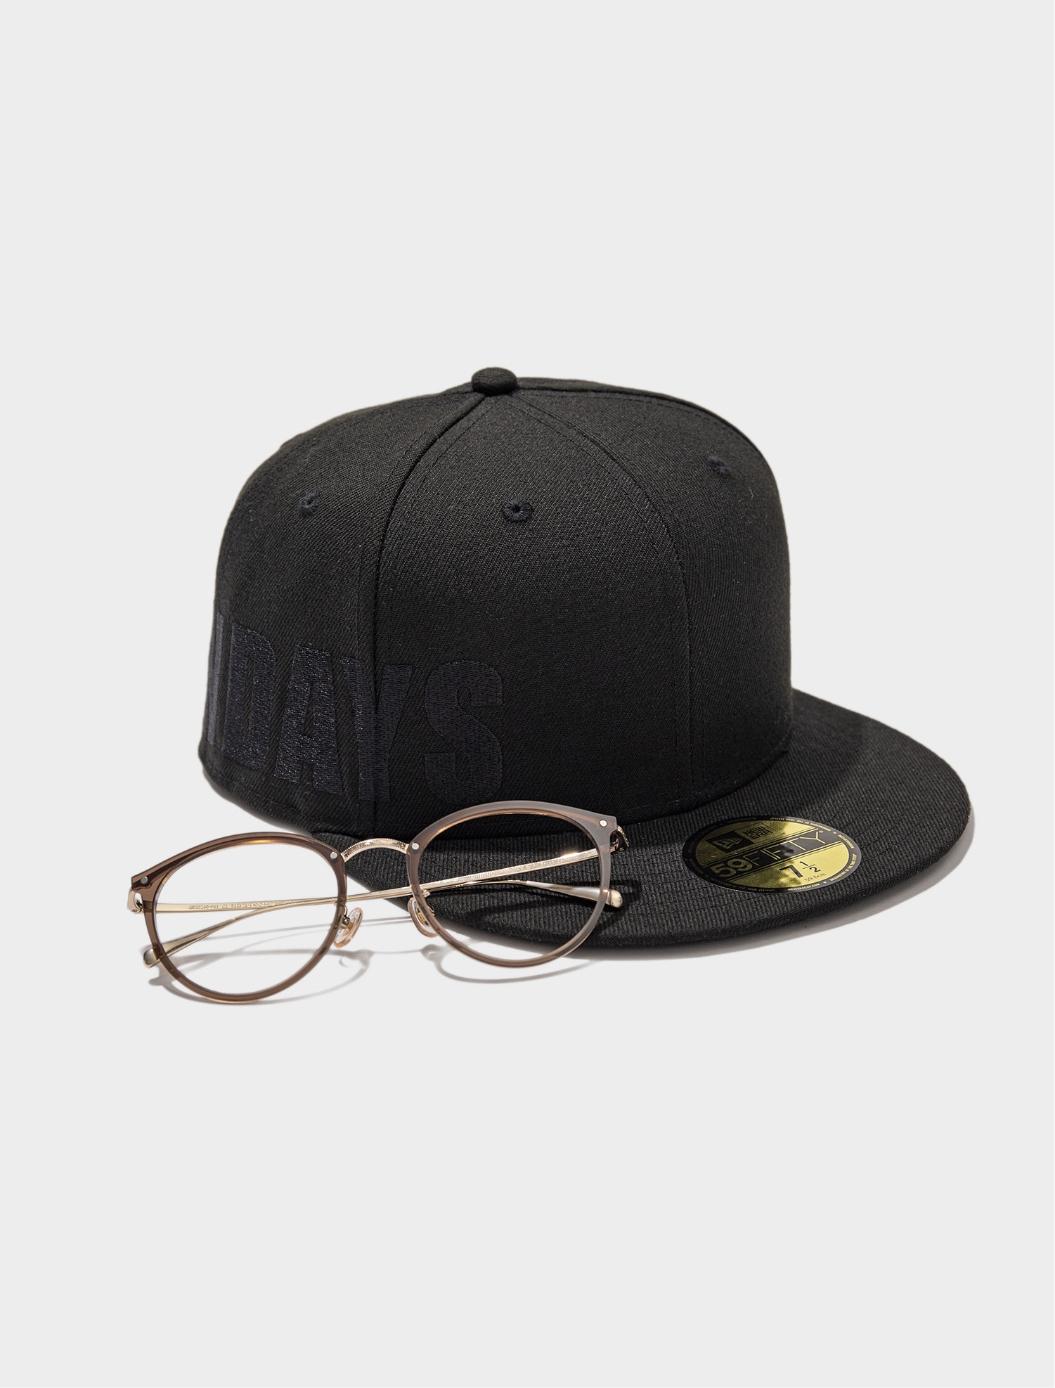 NEW ERA® COLLABORATION CAP(ヘッドウェア/ハット/キャップ) × GB2026B-9S C1(メガネ/眼鏡/めがね) おすすめの組み合わせ